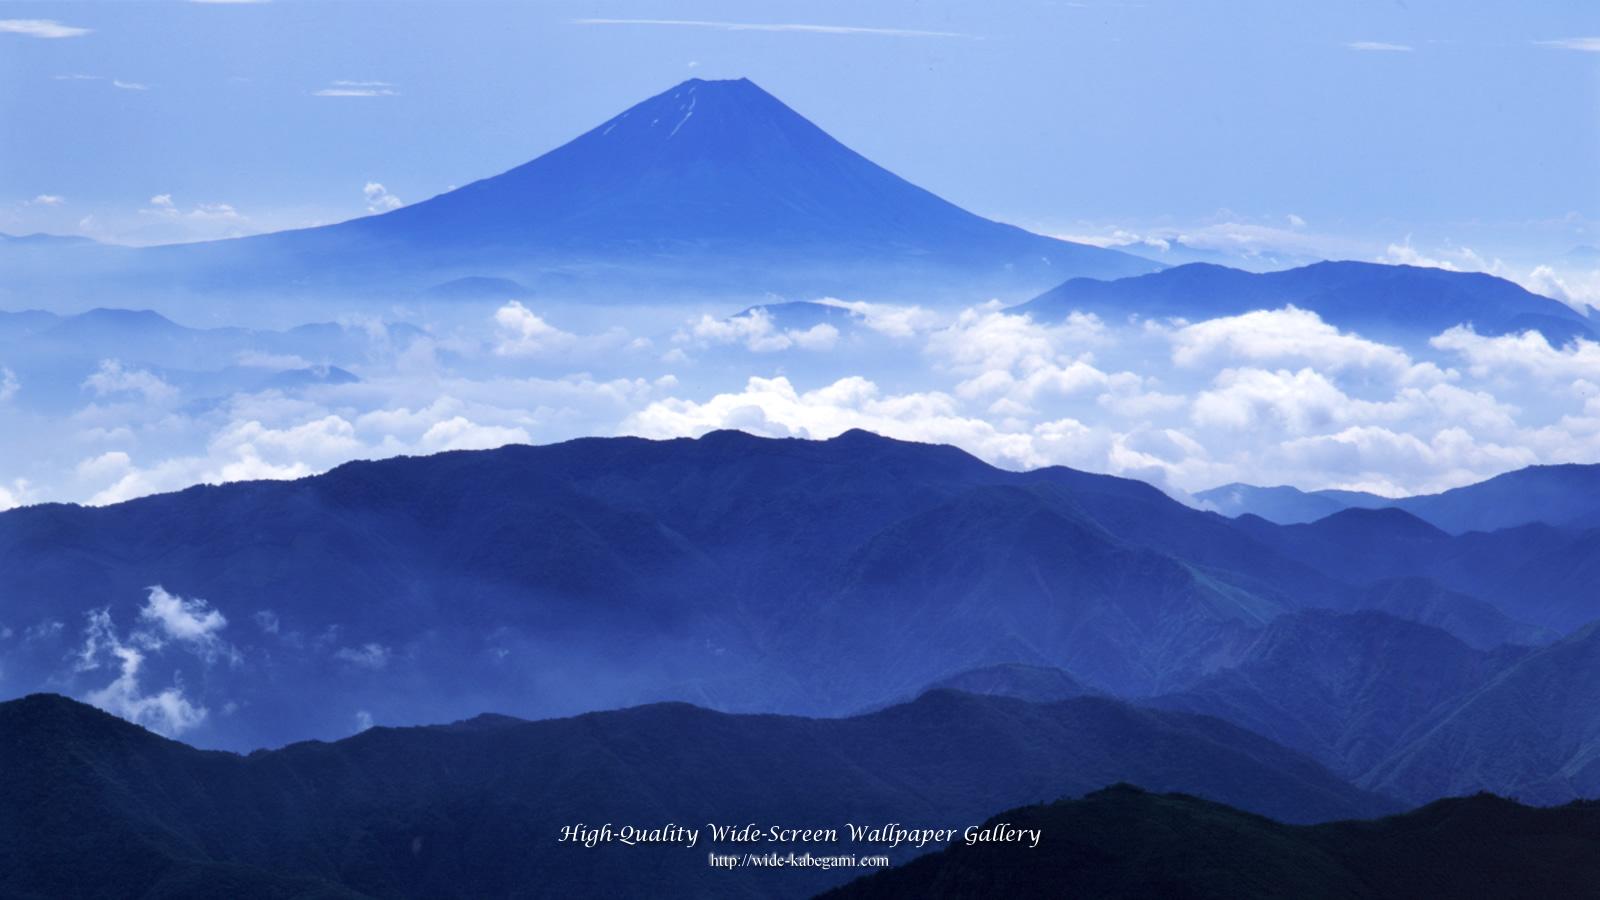 富士山のワイド壁紙 1600x900 盛夏の富士山 無料ワイド高画質壁紙館